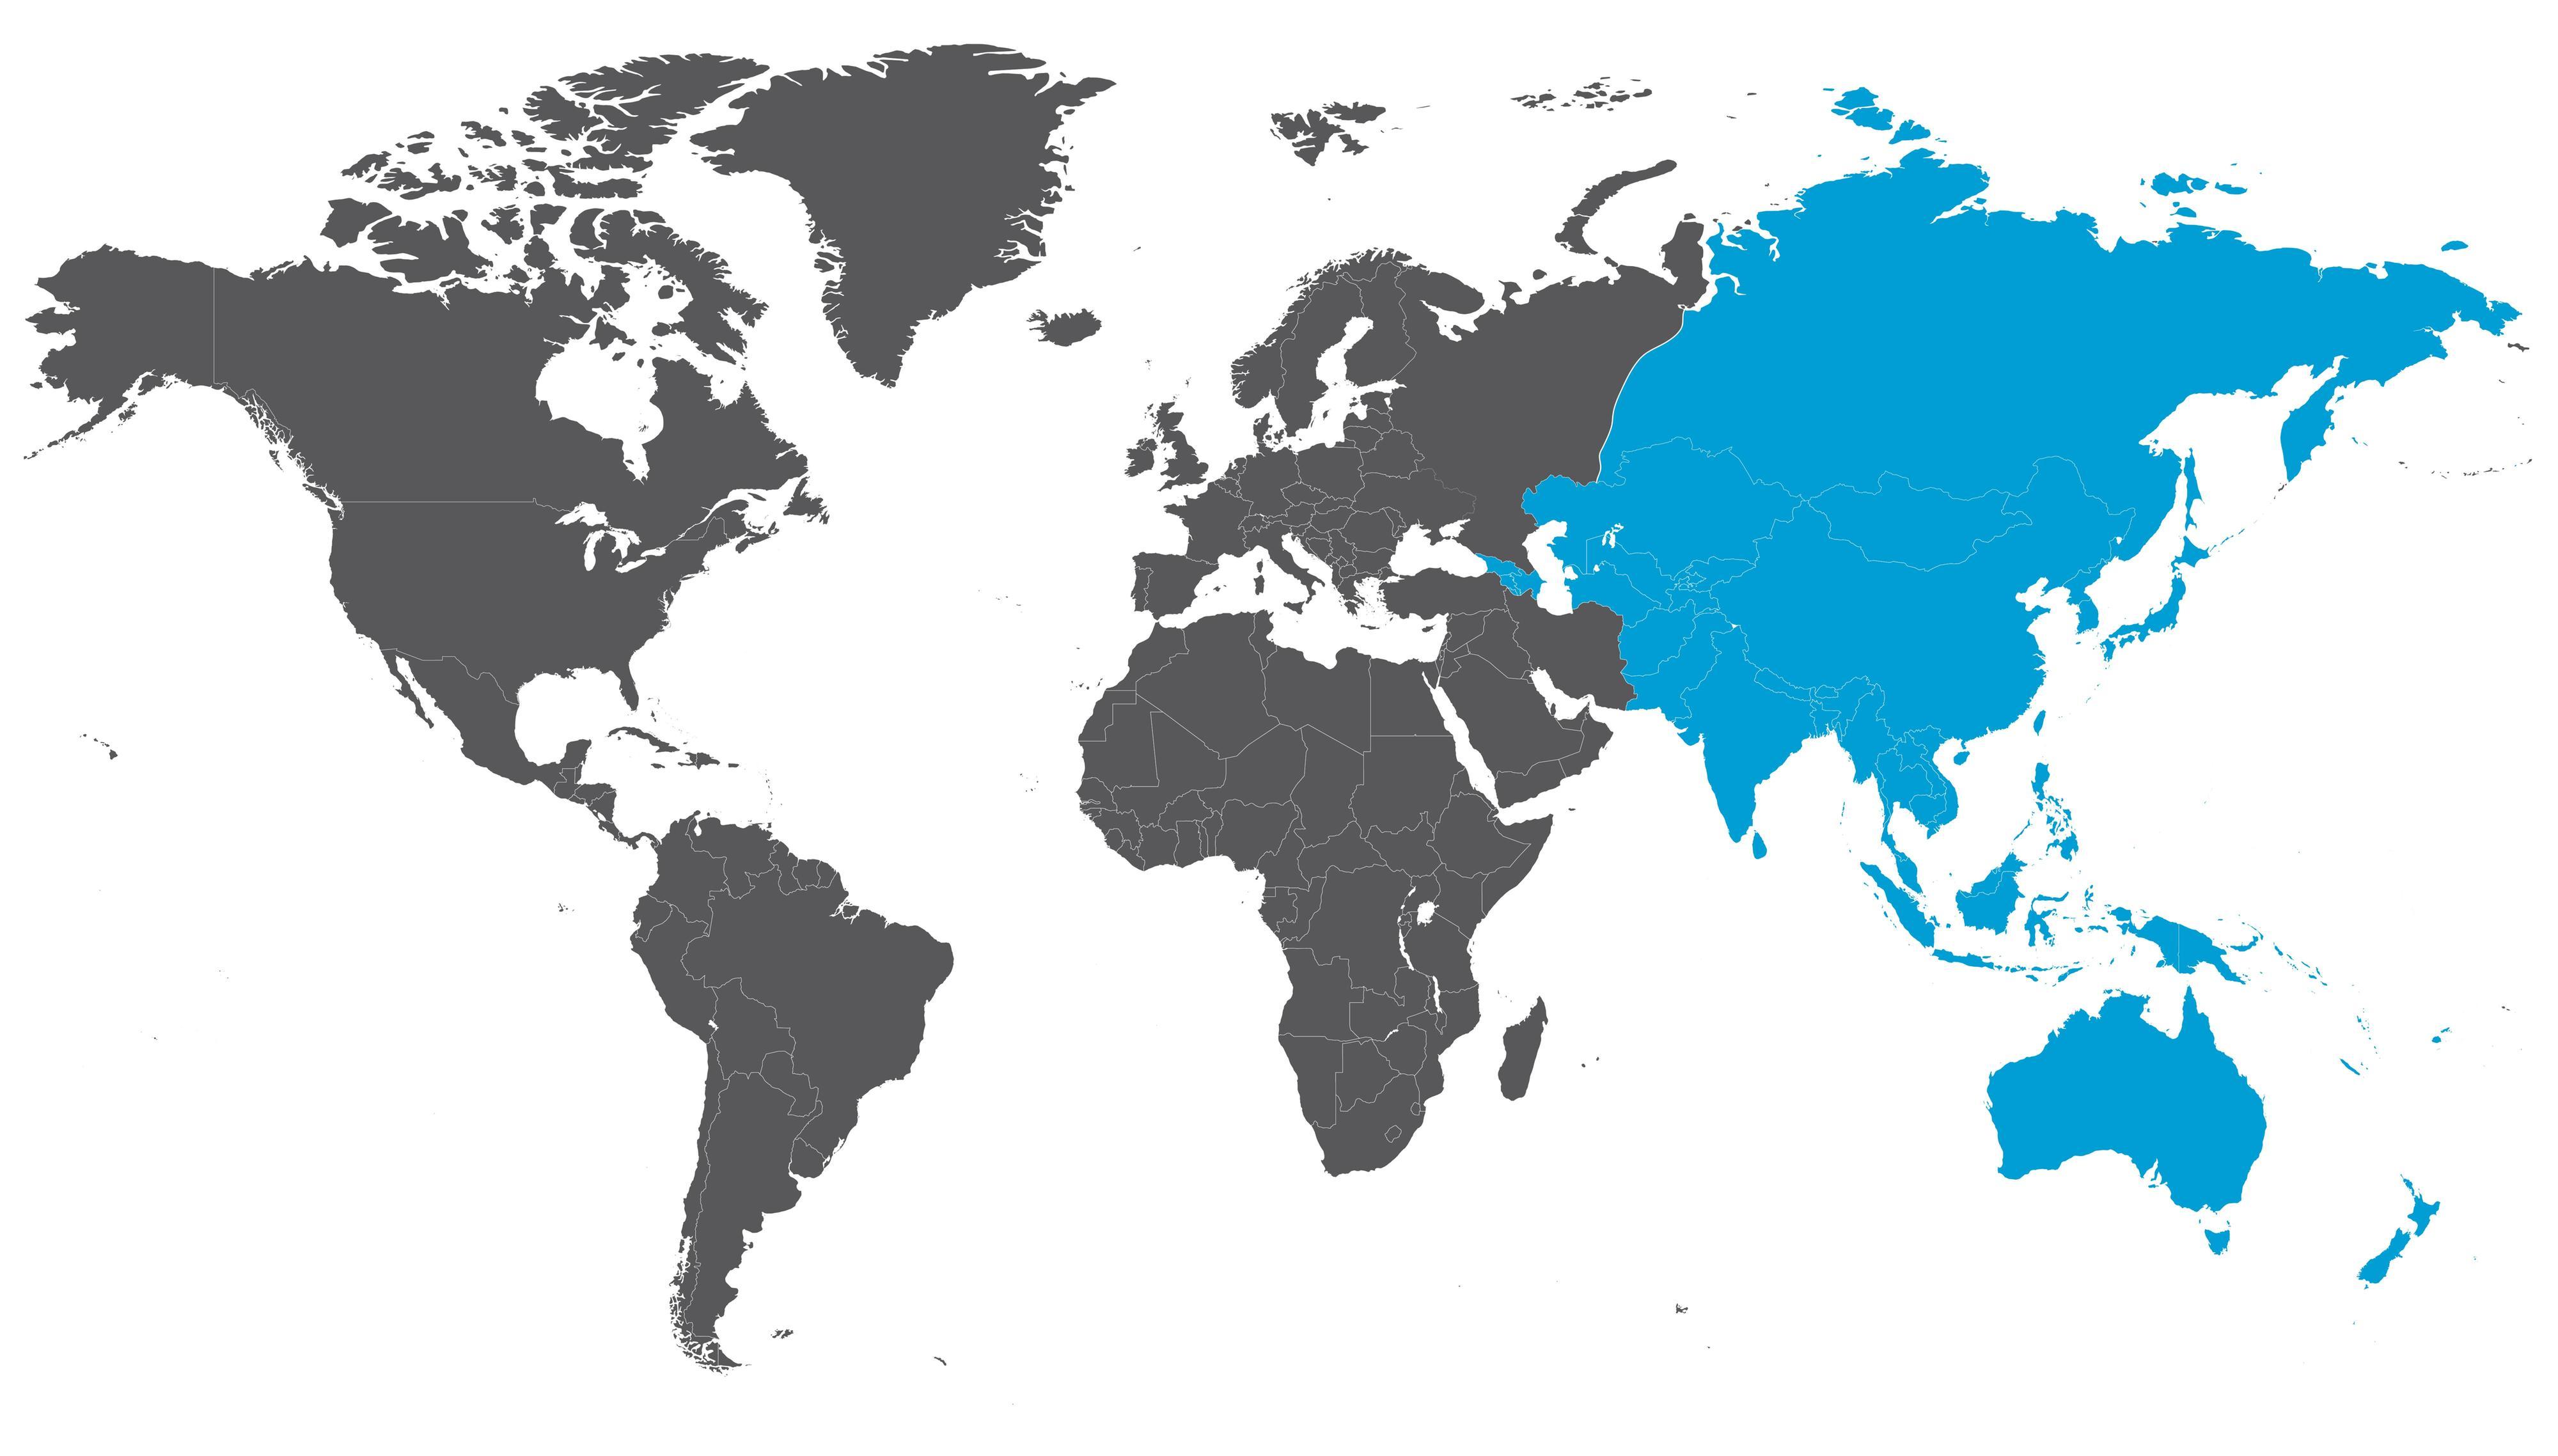 Weltkarte mit Asien und Australien in blau hervorgehoben.